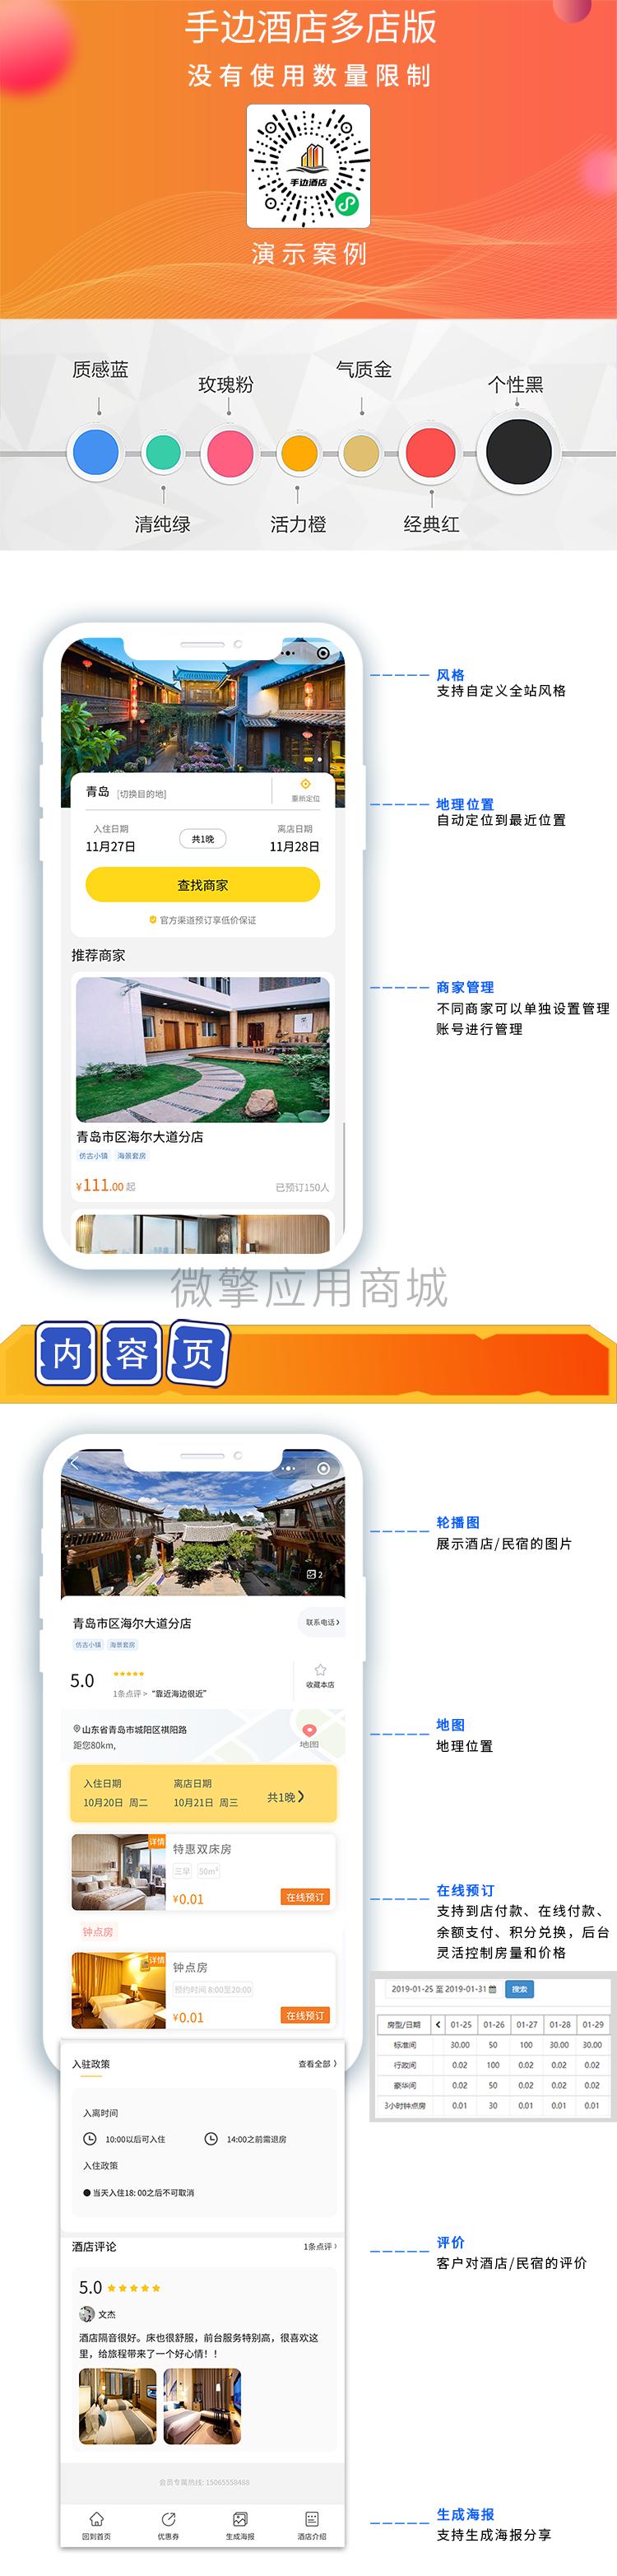 手边酒店多商户版1.0.28 首页列表增加了剩余房量的功能